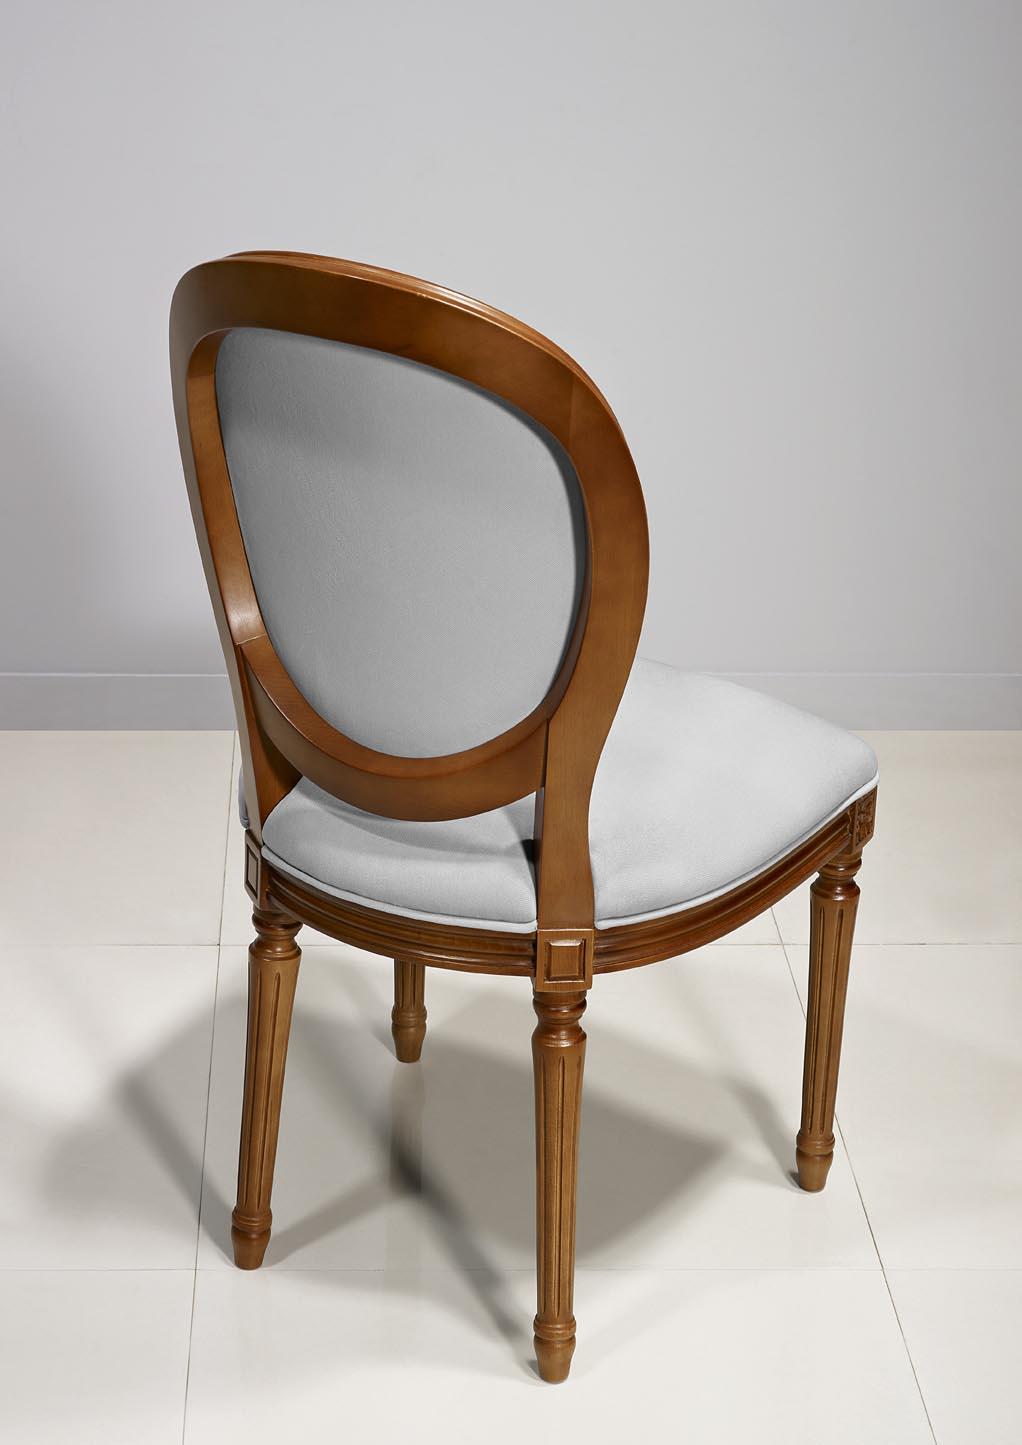 Chaise Emeline en Merisier Massif de style Louis XVI , meuble en